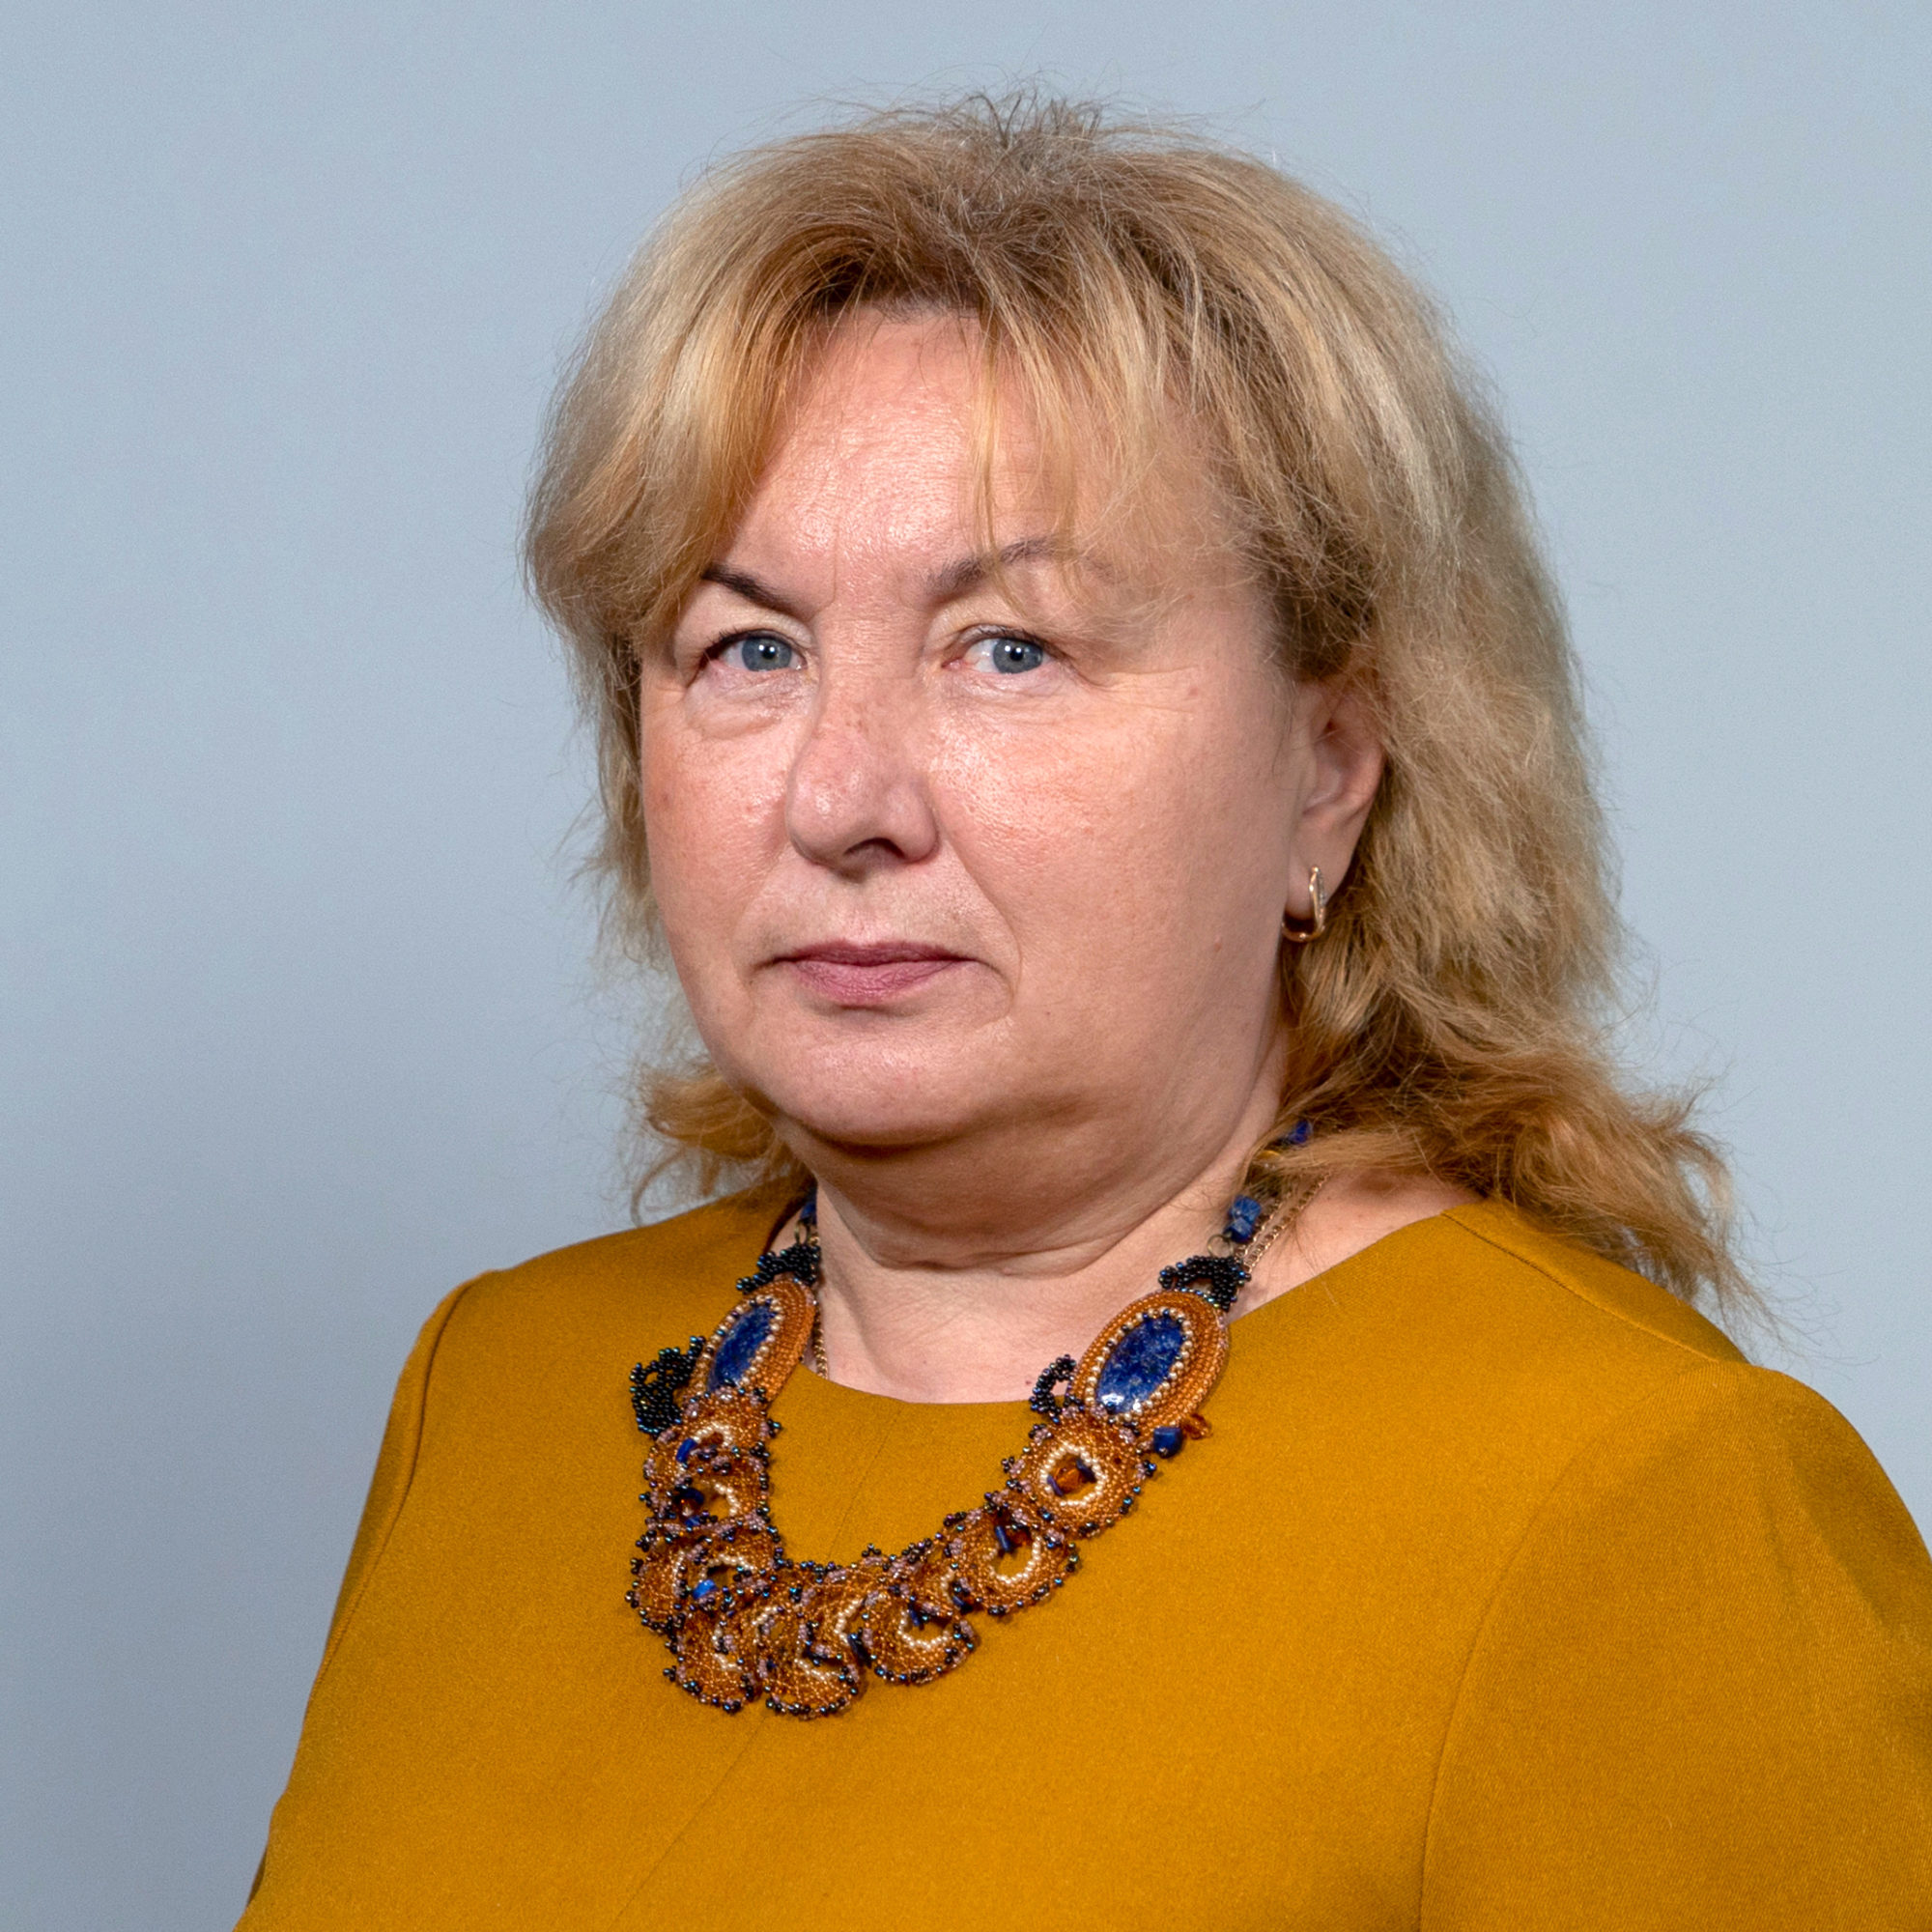 Galina Sorokovykh